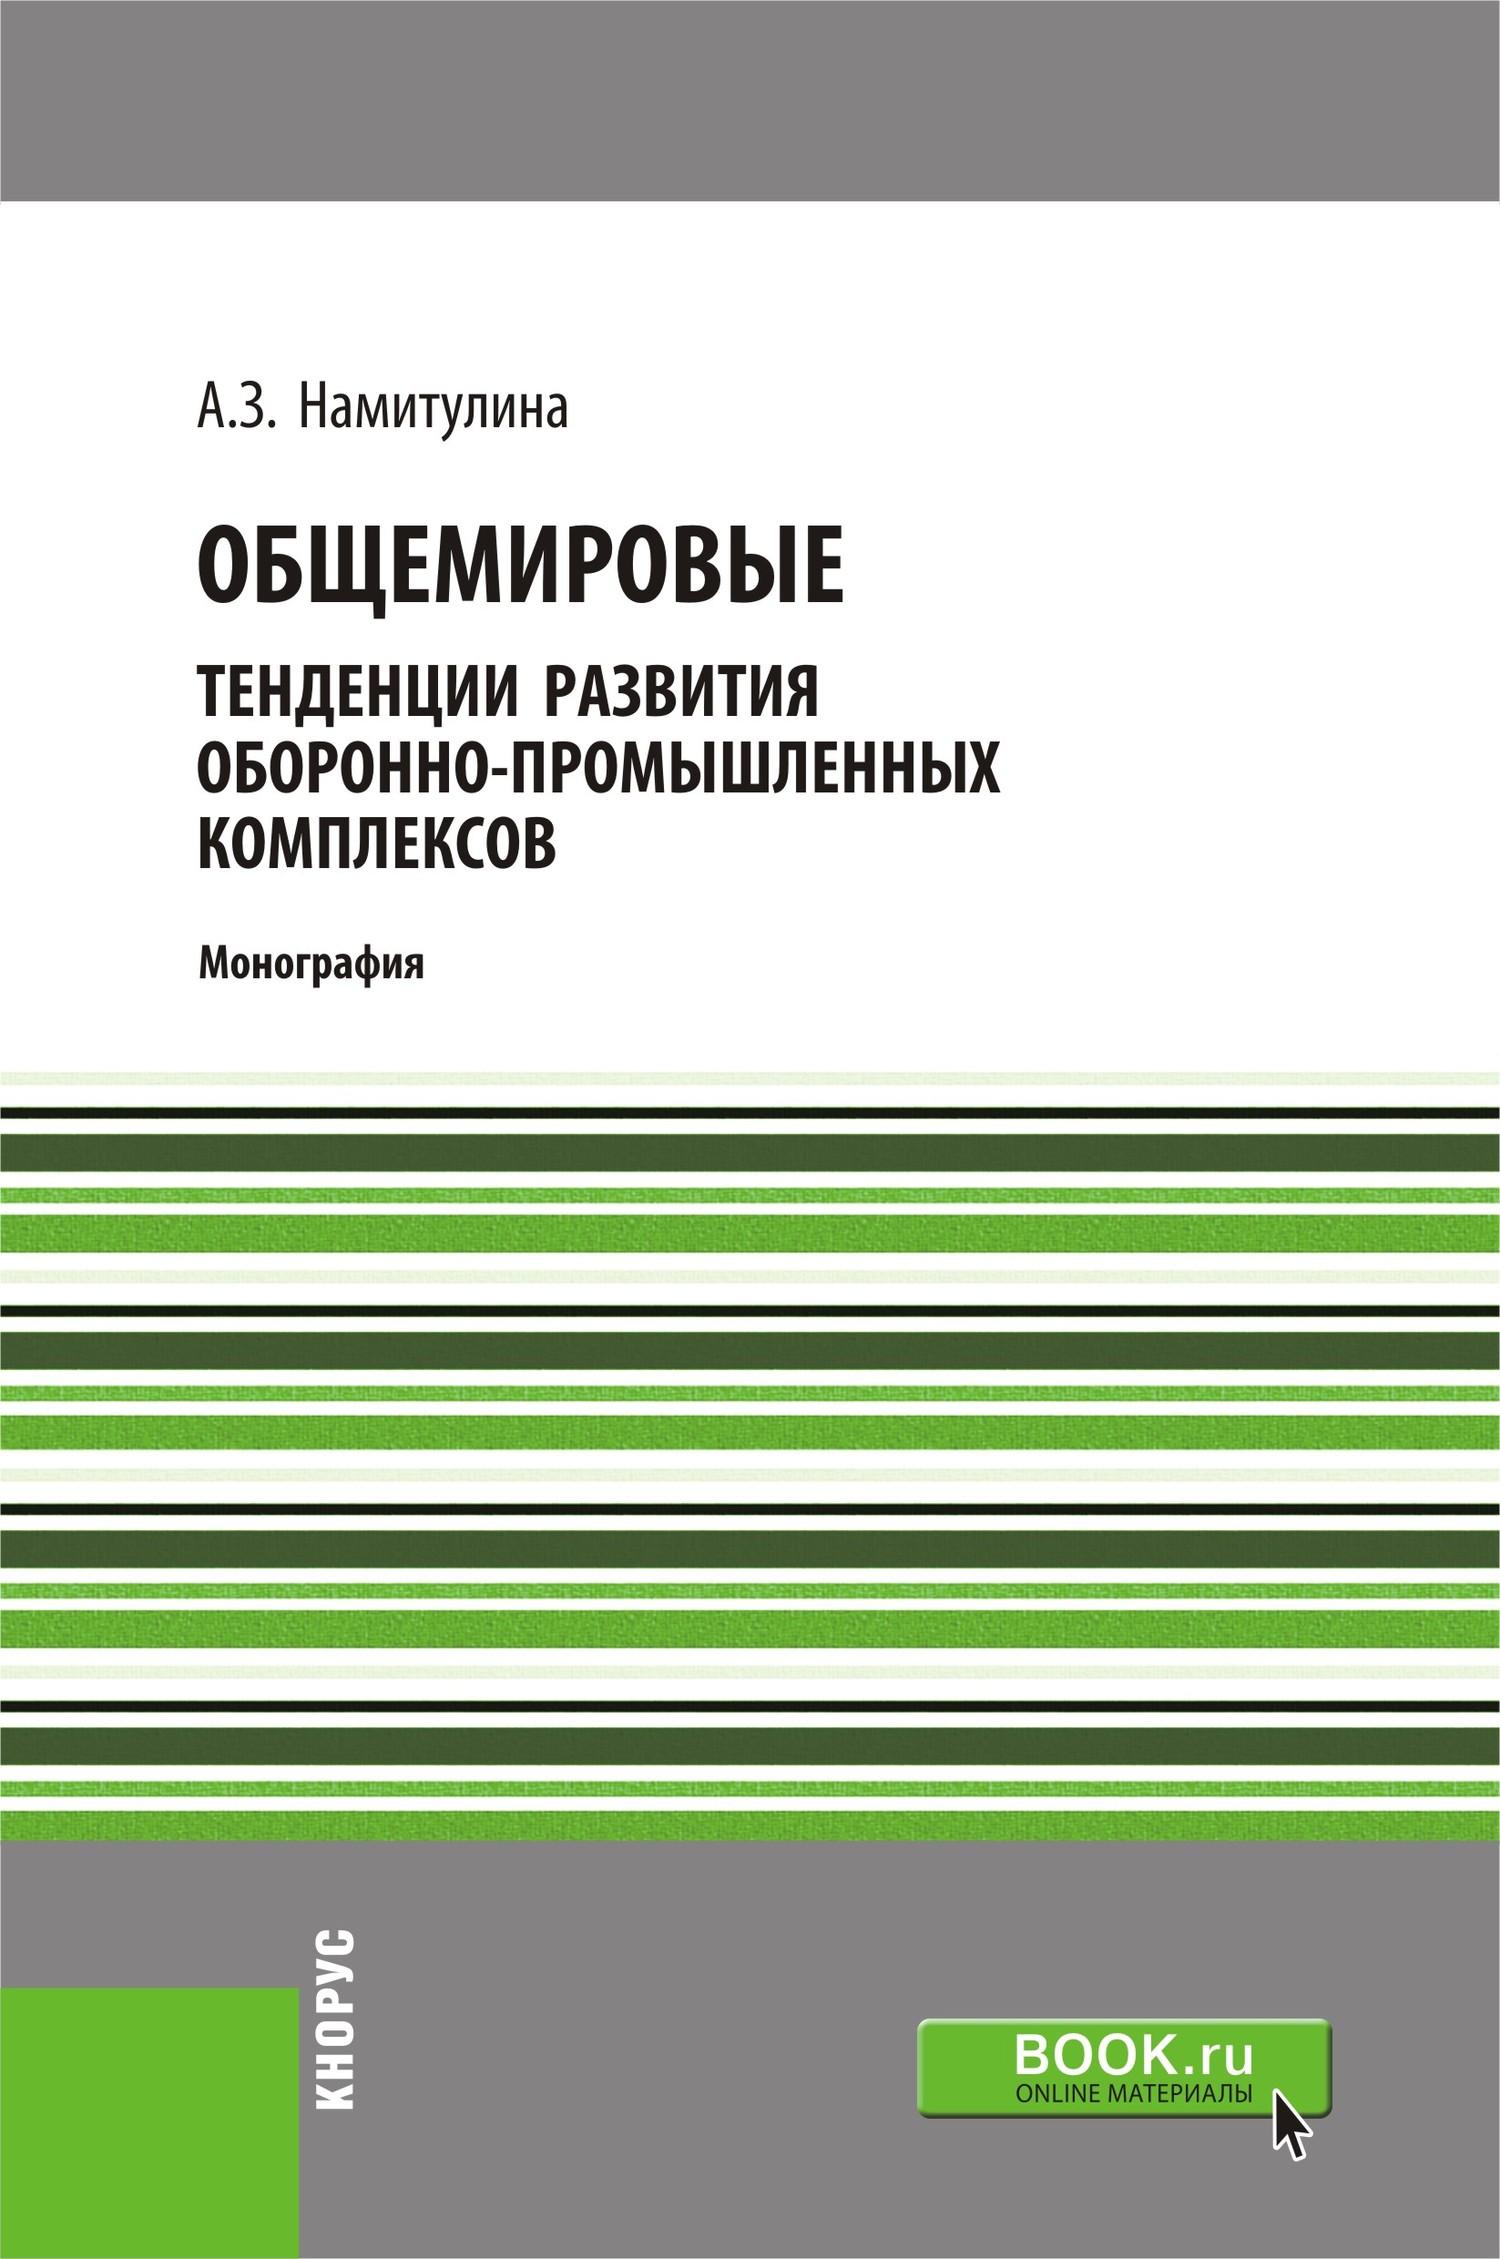 А. З. Намитулина Общемировые тенденции развития оборонно-промышленных комплексов